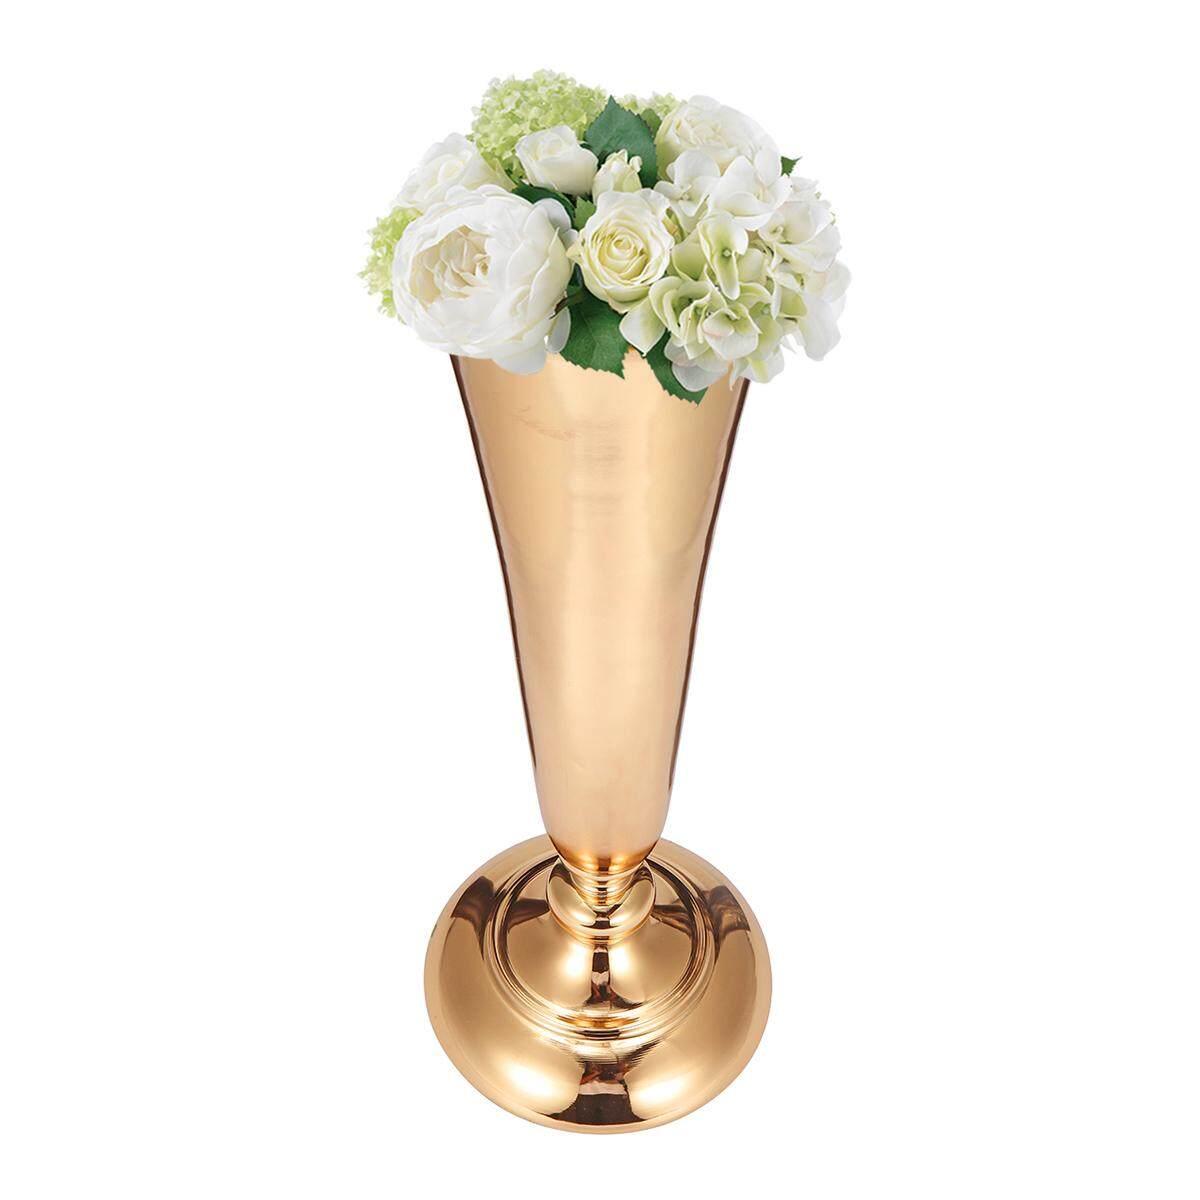 Large 40cm Stunning Gold Iron Luxury Vase Urn Wedding Table Centrepiece #B